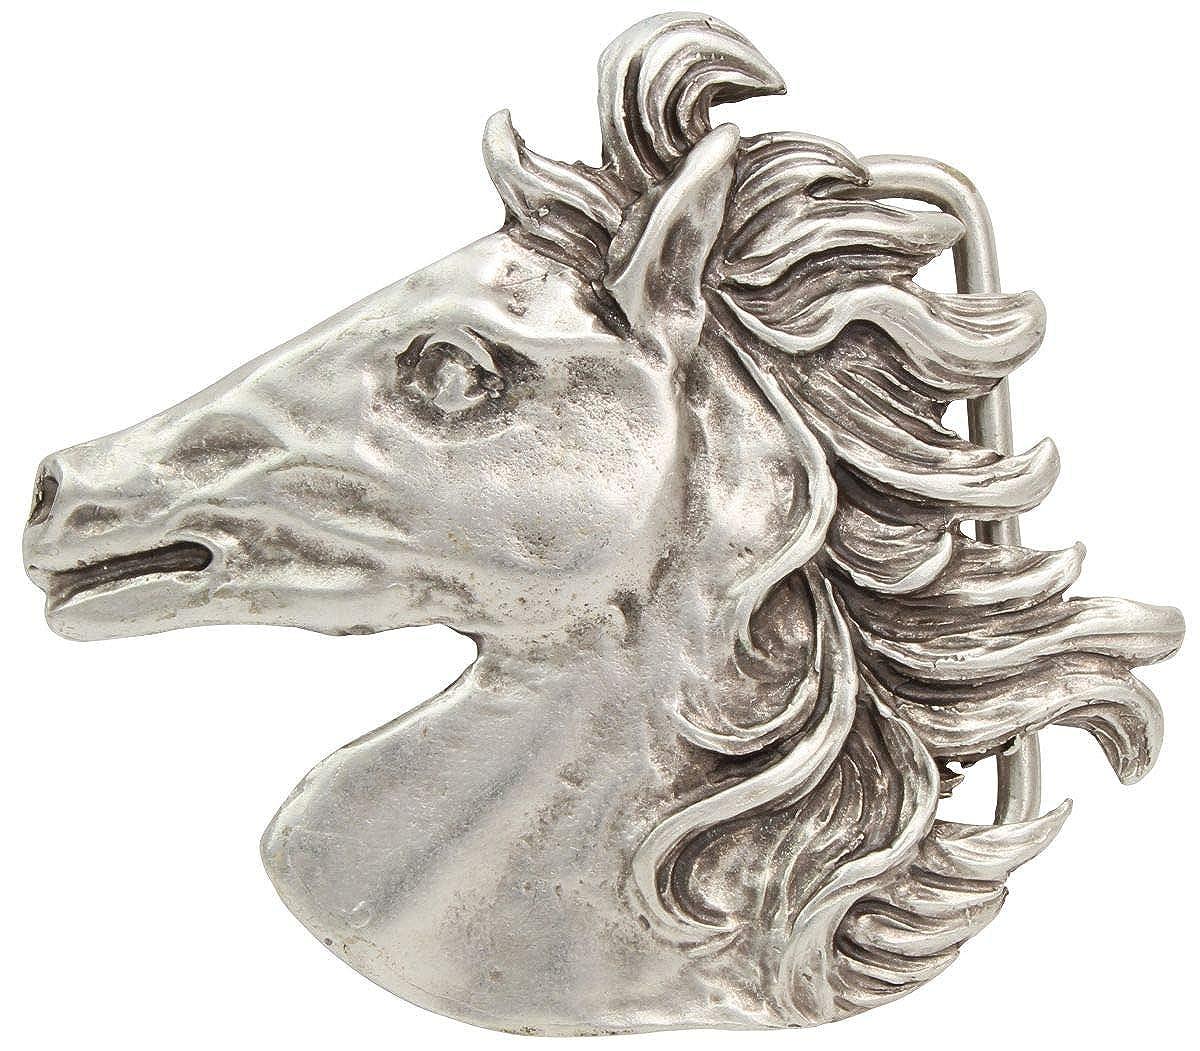 und Western-Outfit Brazil Lederwaren G/ürtelschnalle Pferdekopf 4,0 cm Buckle Wechselschlie/ße G/ürtelschlie/ße Reitaccessoires 40mm Massiv f/ür Reit